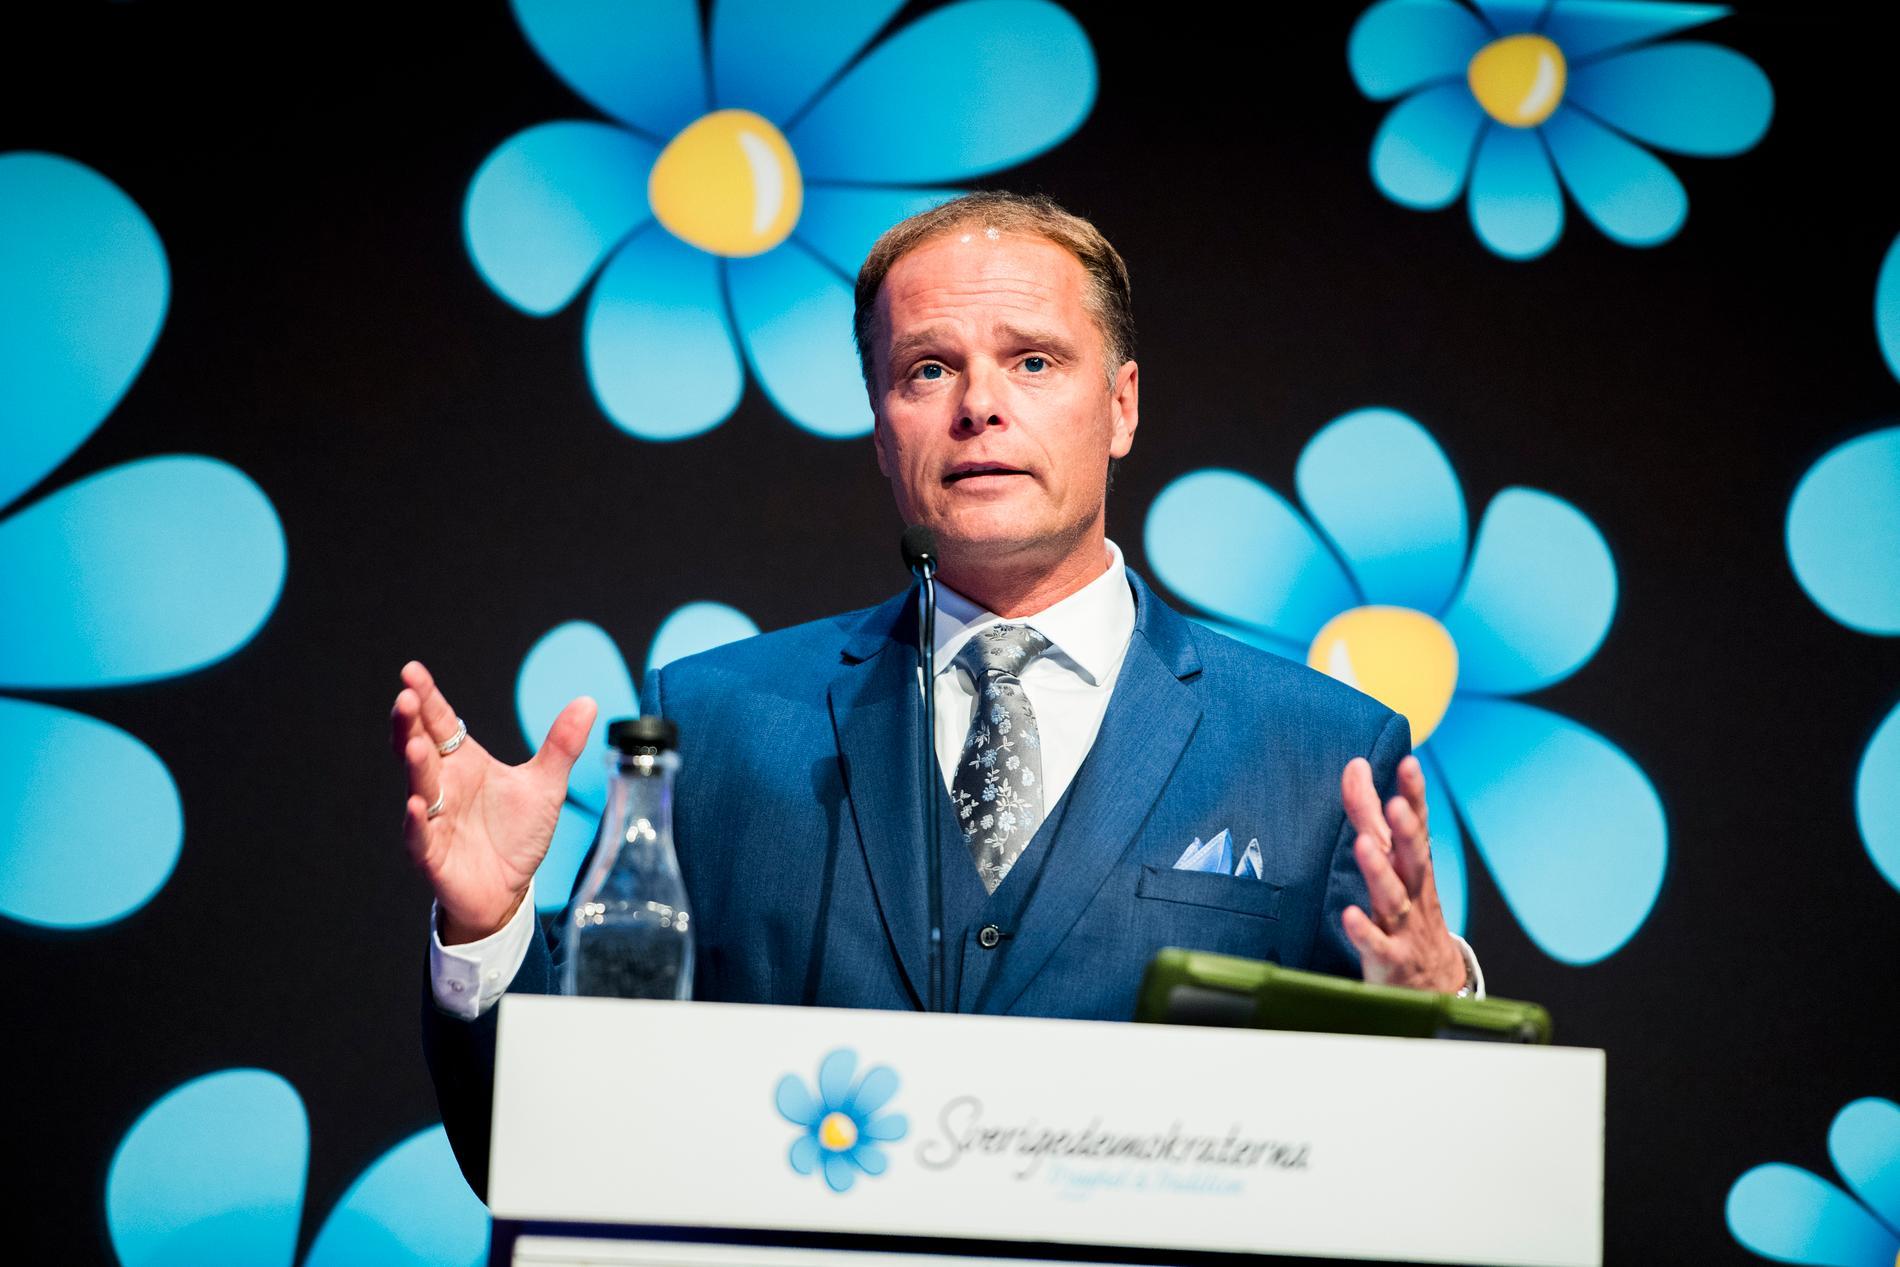 Peter Jakobsson i talarstolen på SD:s landsdagar 2017.